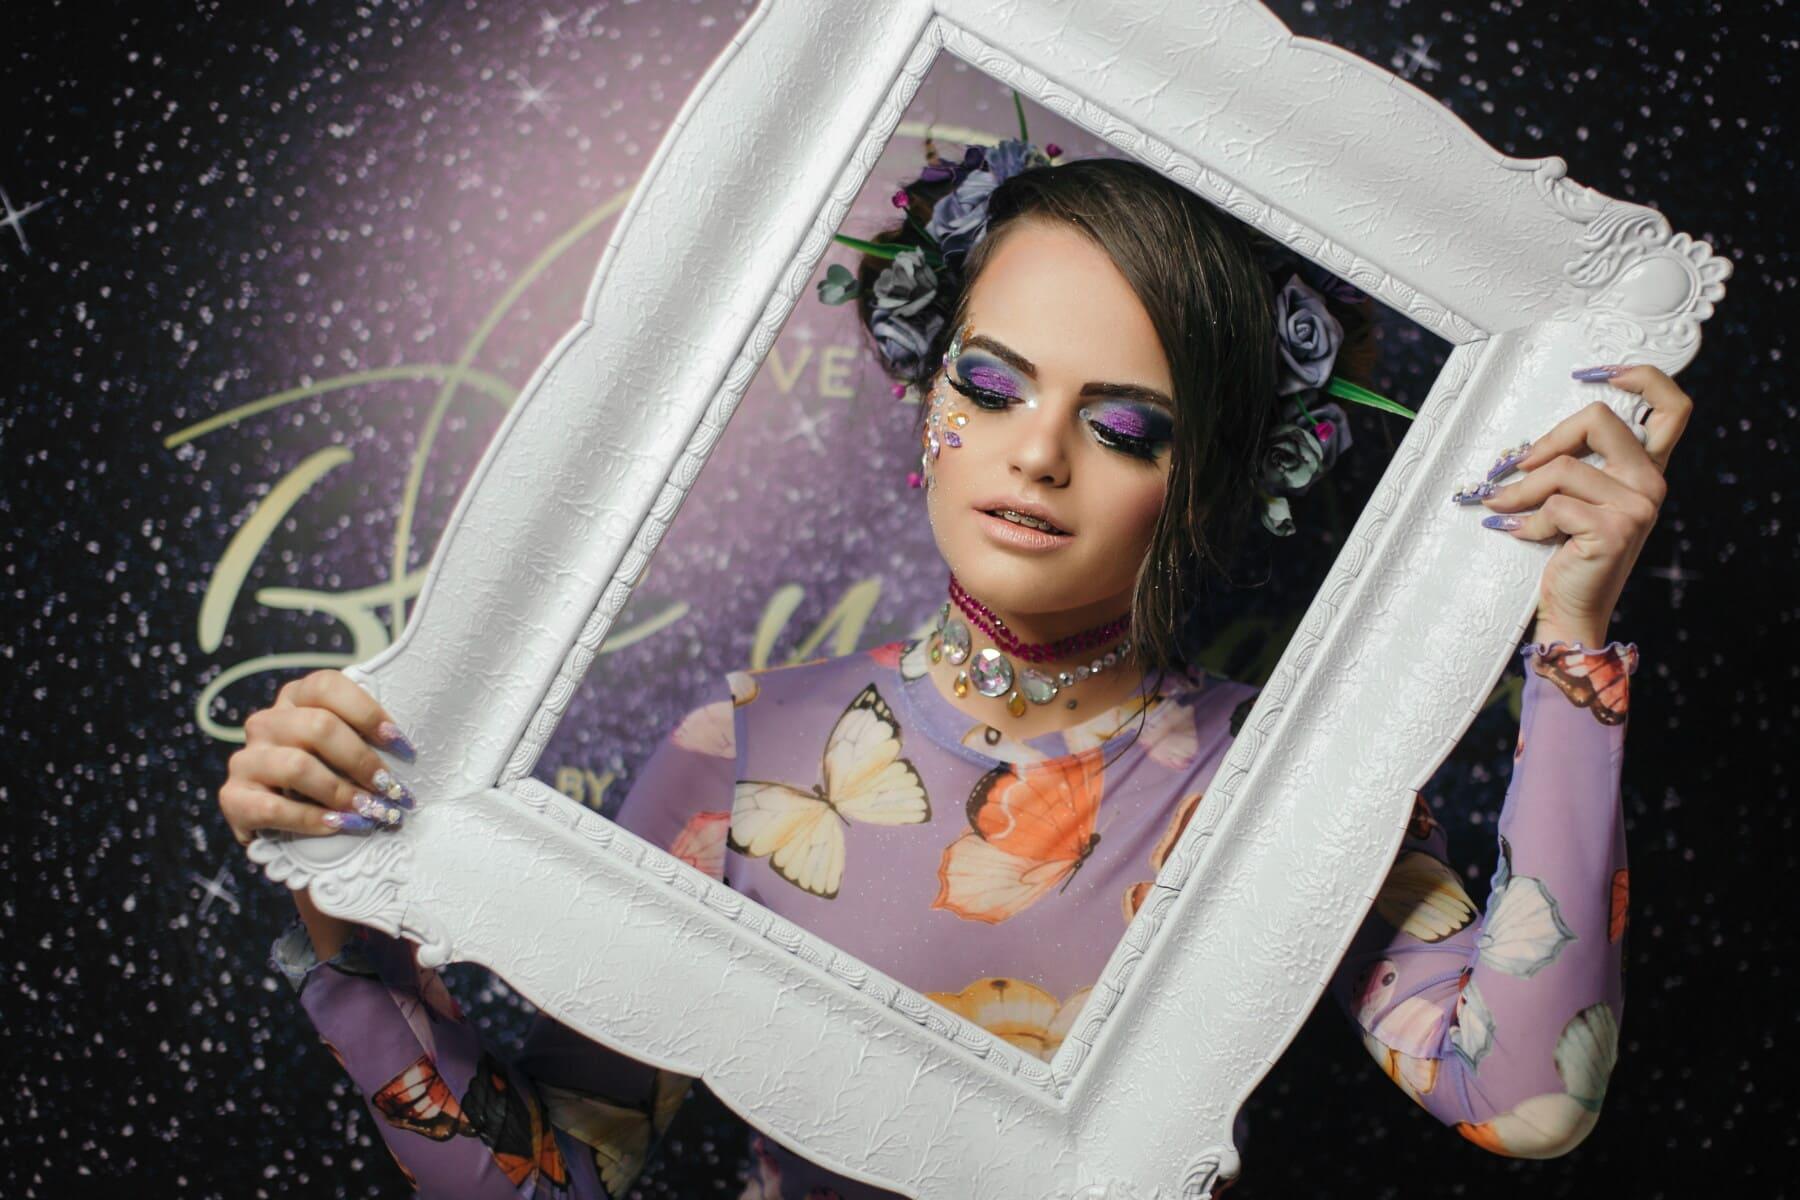 magnifique, adolescent, jeune femme, maquillage, studio photo, modèle photo, cadre, charme, posant, jeune fille